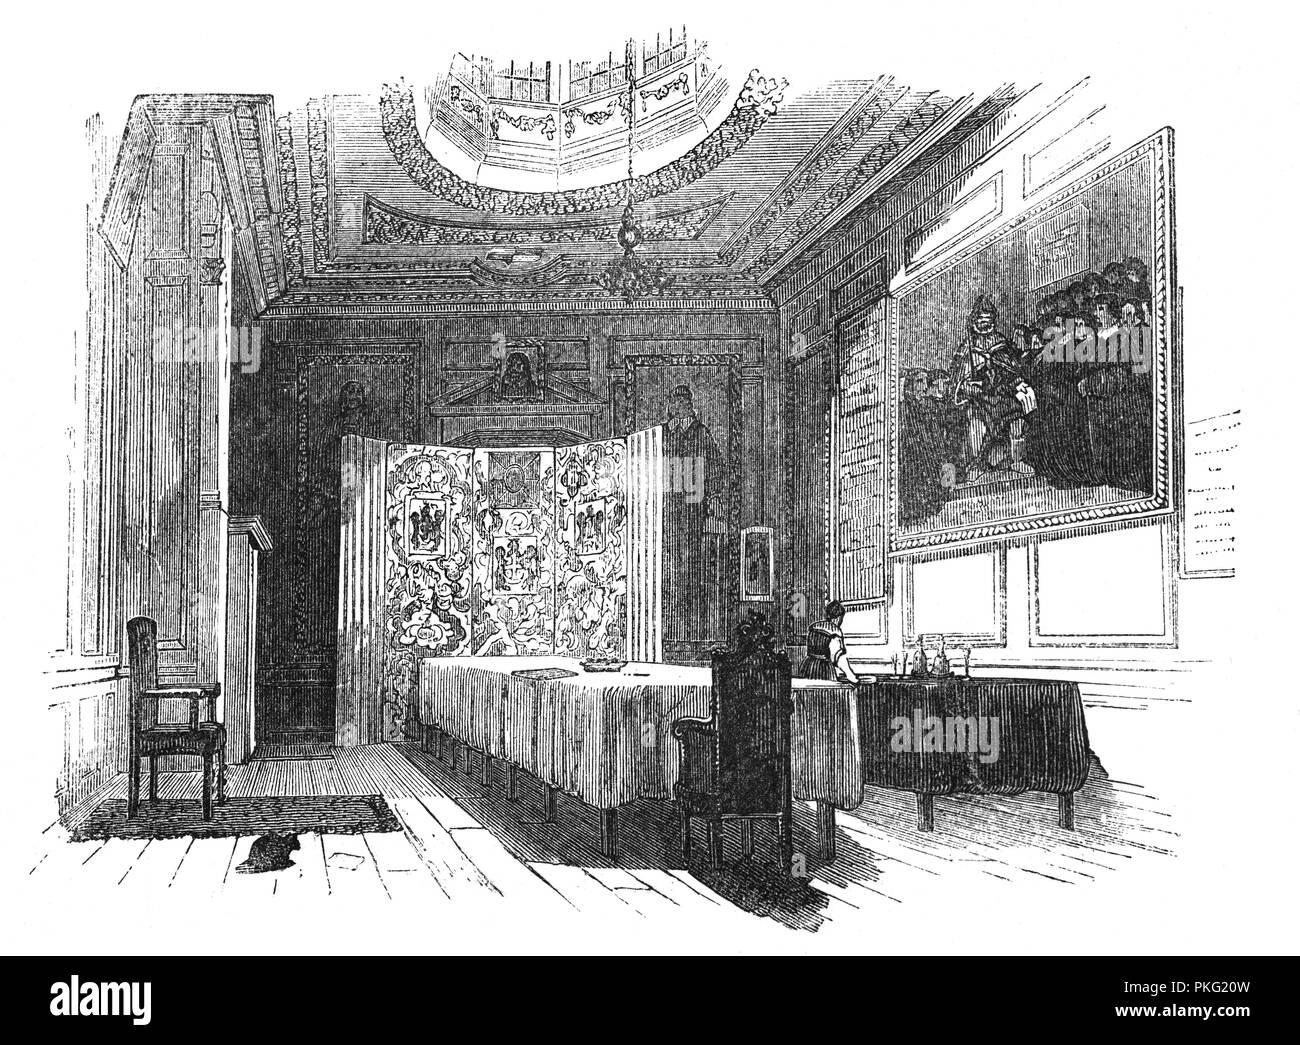 La sala de audiencias de la Worshipful Company of barberos, uno de los distintivos a empresas de la ciudad de Londres. La beca de cirujanos se fusionó con la compañía de barbería en 1540, formando la Compañía de barberos y cirujanos. La ley especifica que ningún cirujano podría cortar el pelo o afeitar otro barbero, y que no podría practicar la cirugía; la única actividad común fue la extracción de dientes. La pole barber, con espiral de rayas rojas y blancas, indicó los dos oficios (cirugía en rojo y barbering en blanco). Tras el aumento de la profesionalidad de los cirujanos (comercio) se separaron en 1745 Imagen De Stock